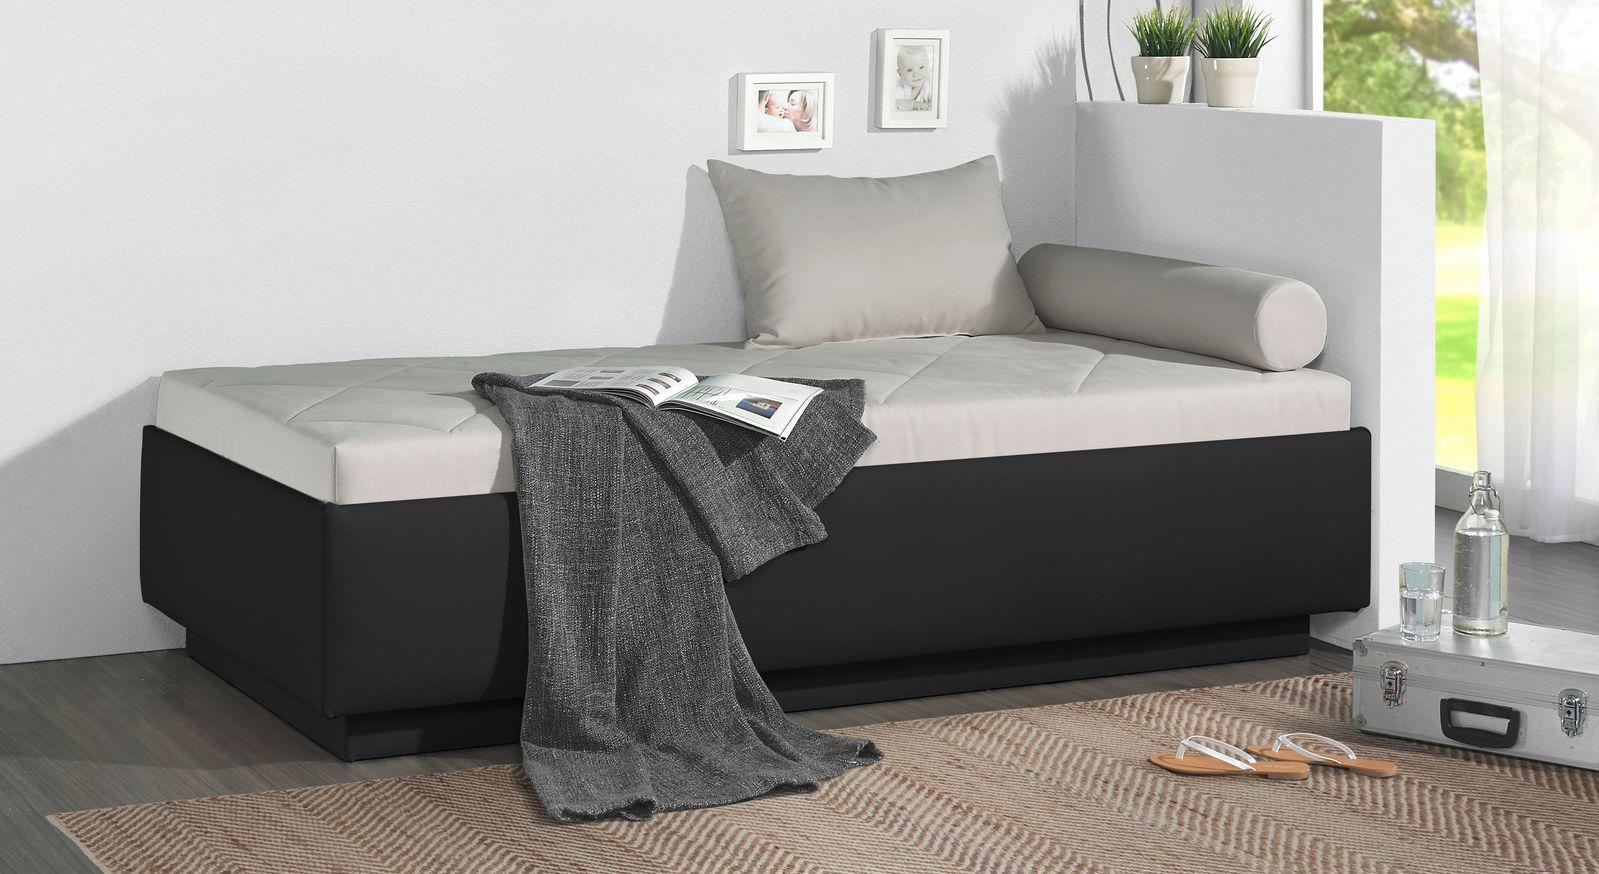 Relaxliege Eriko aus schwarzem Kunstleder und hellgrauem Microvelours